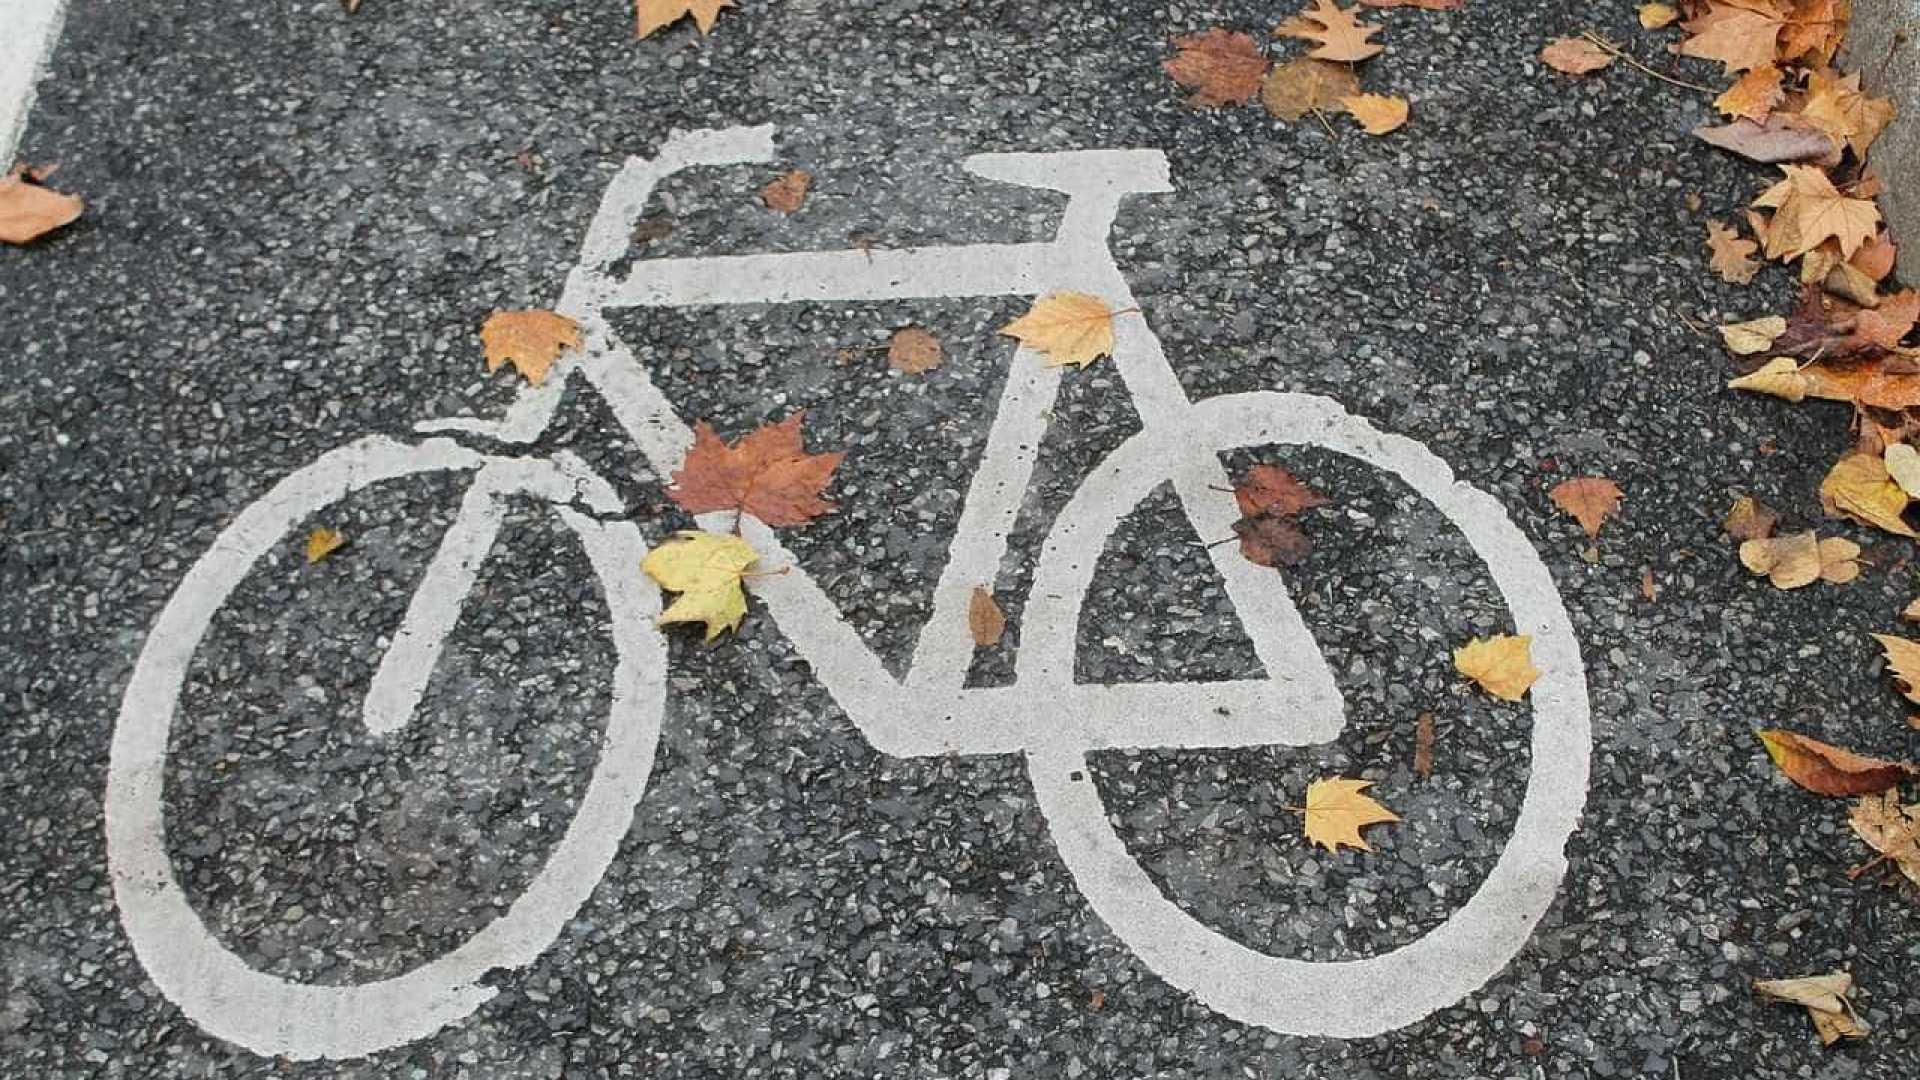 naom 55c1d055c305e - Criança cai de cadeirinha de bicicleta e morre atropelada